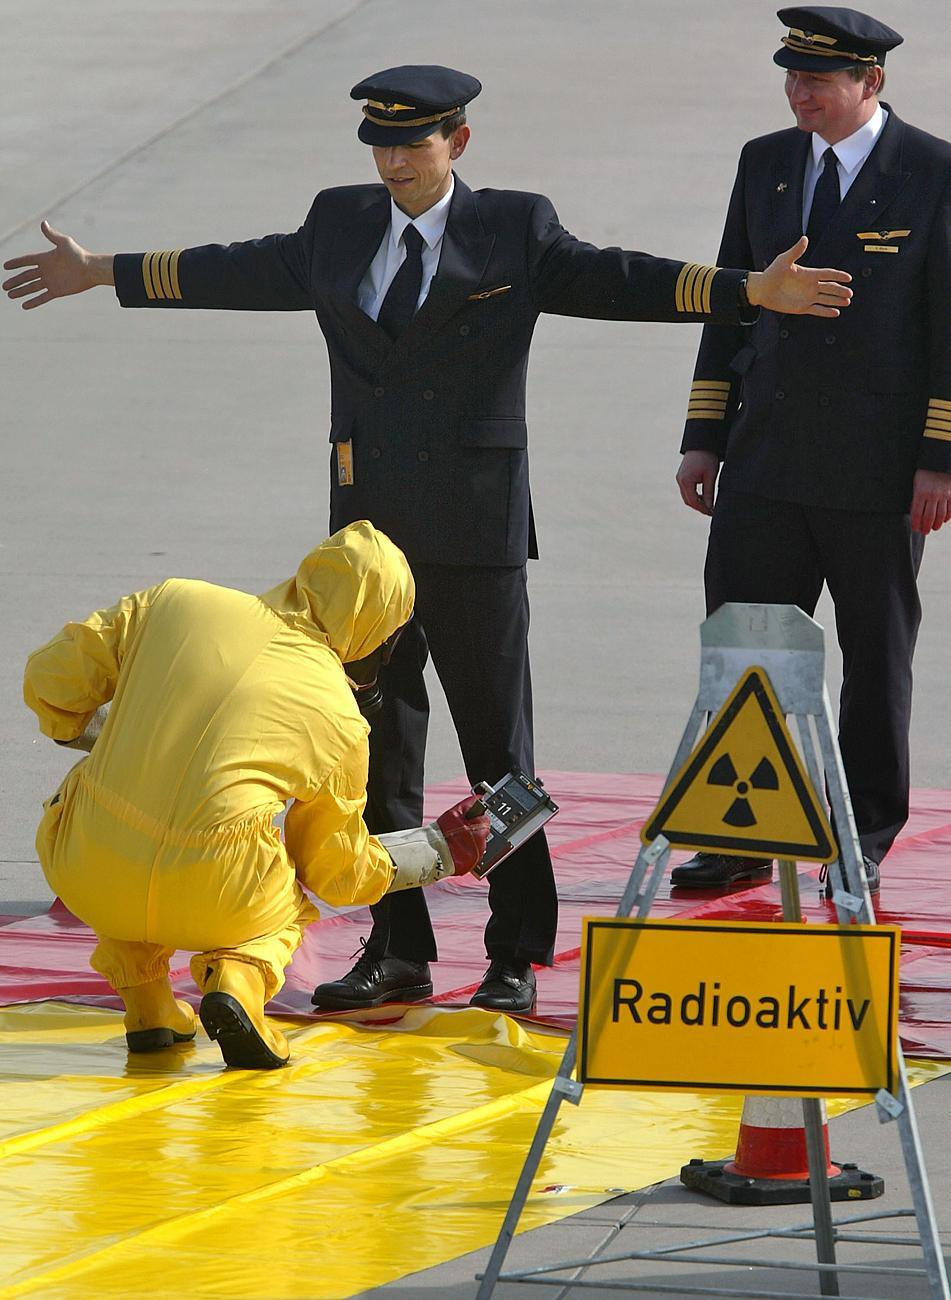 Pilótákat ellenőriznek a frankfurti reptéren egy gyakorlat során